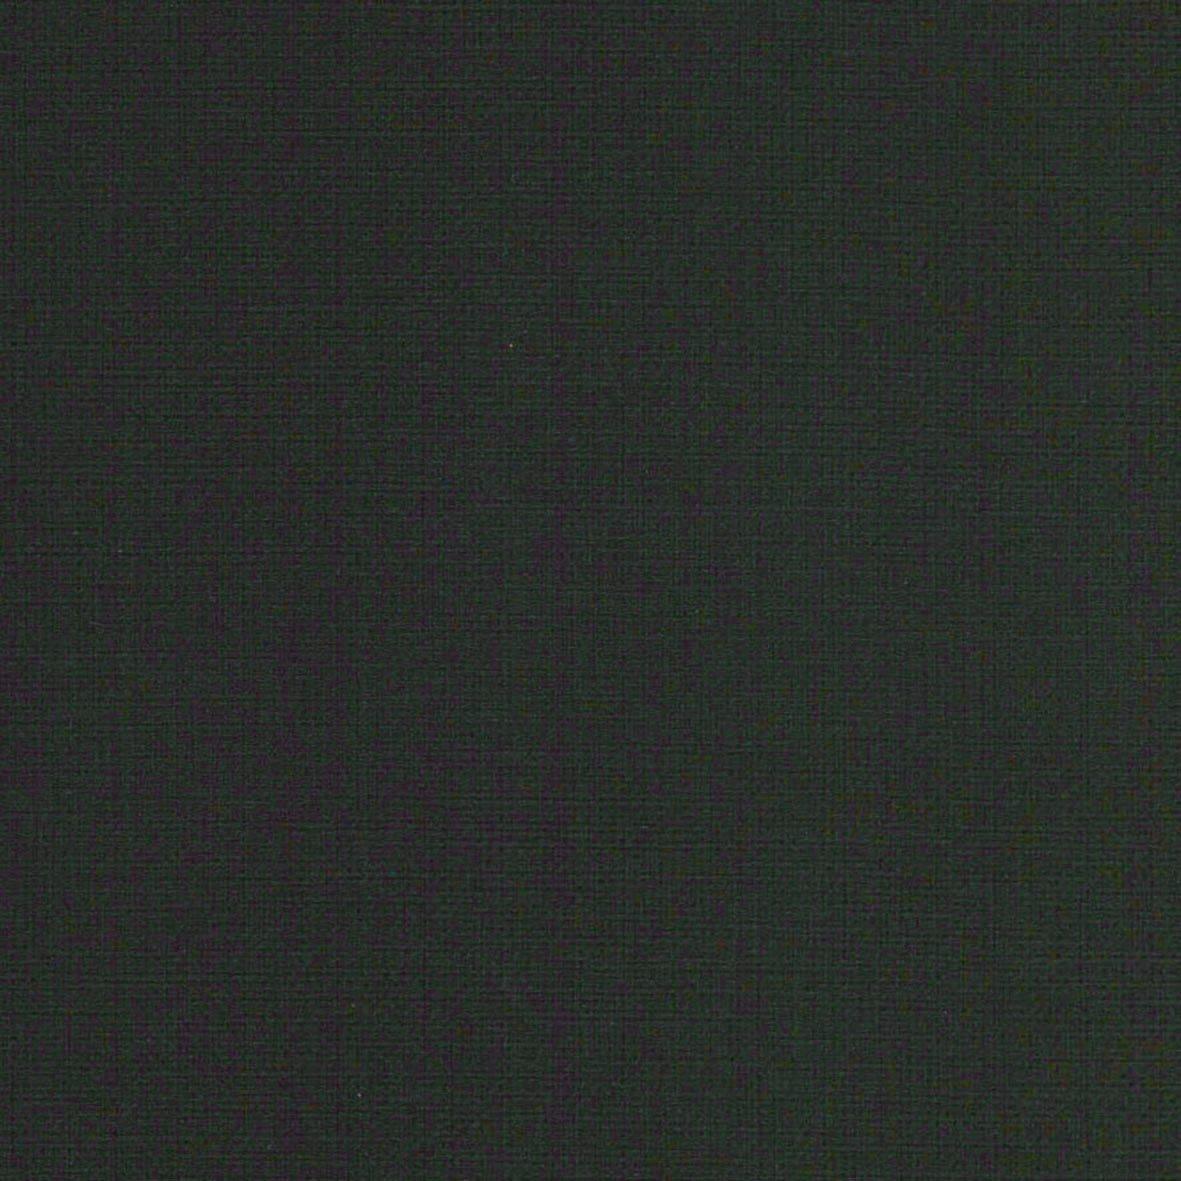 リリカラ 壁紙41m シンフル 無地 ブルー LL-8721 B01N3WBXRA 41m,ブルー1